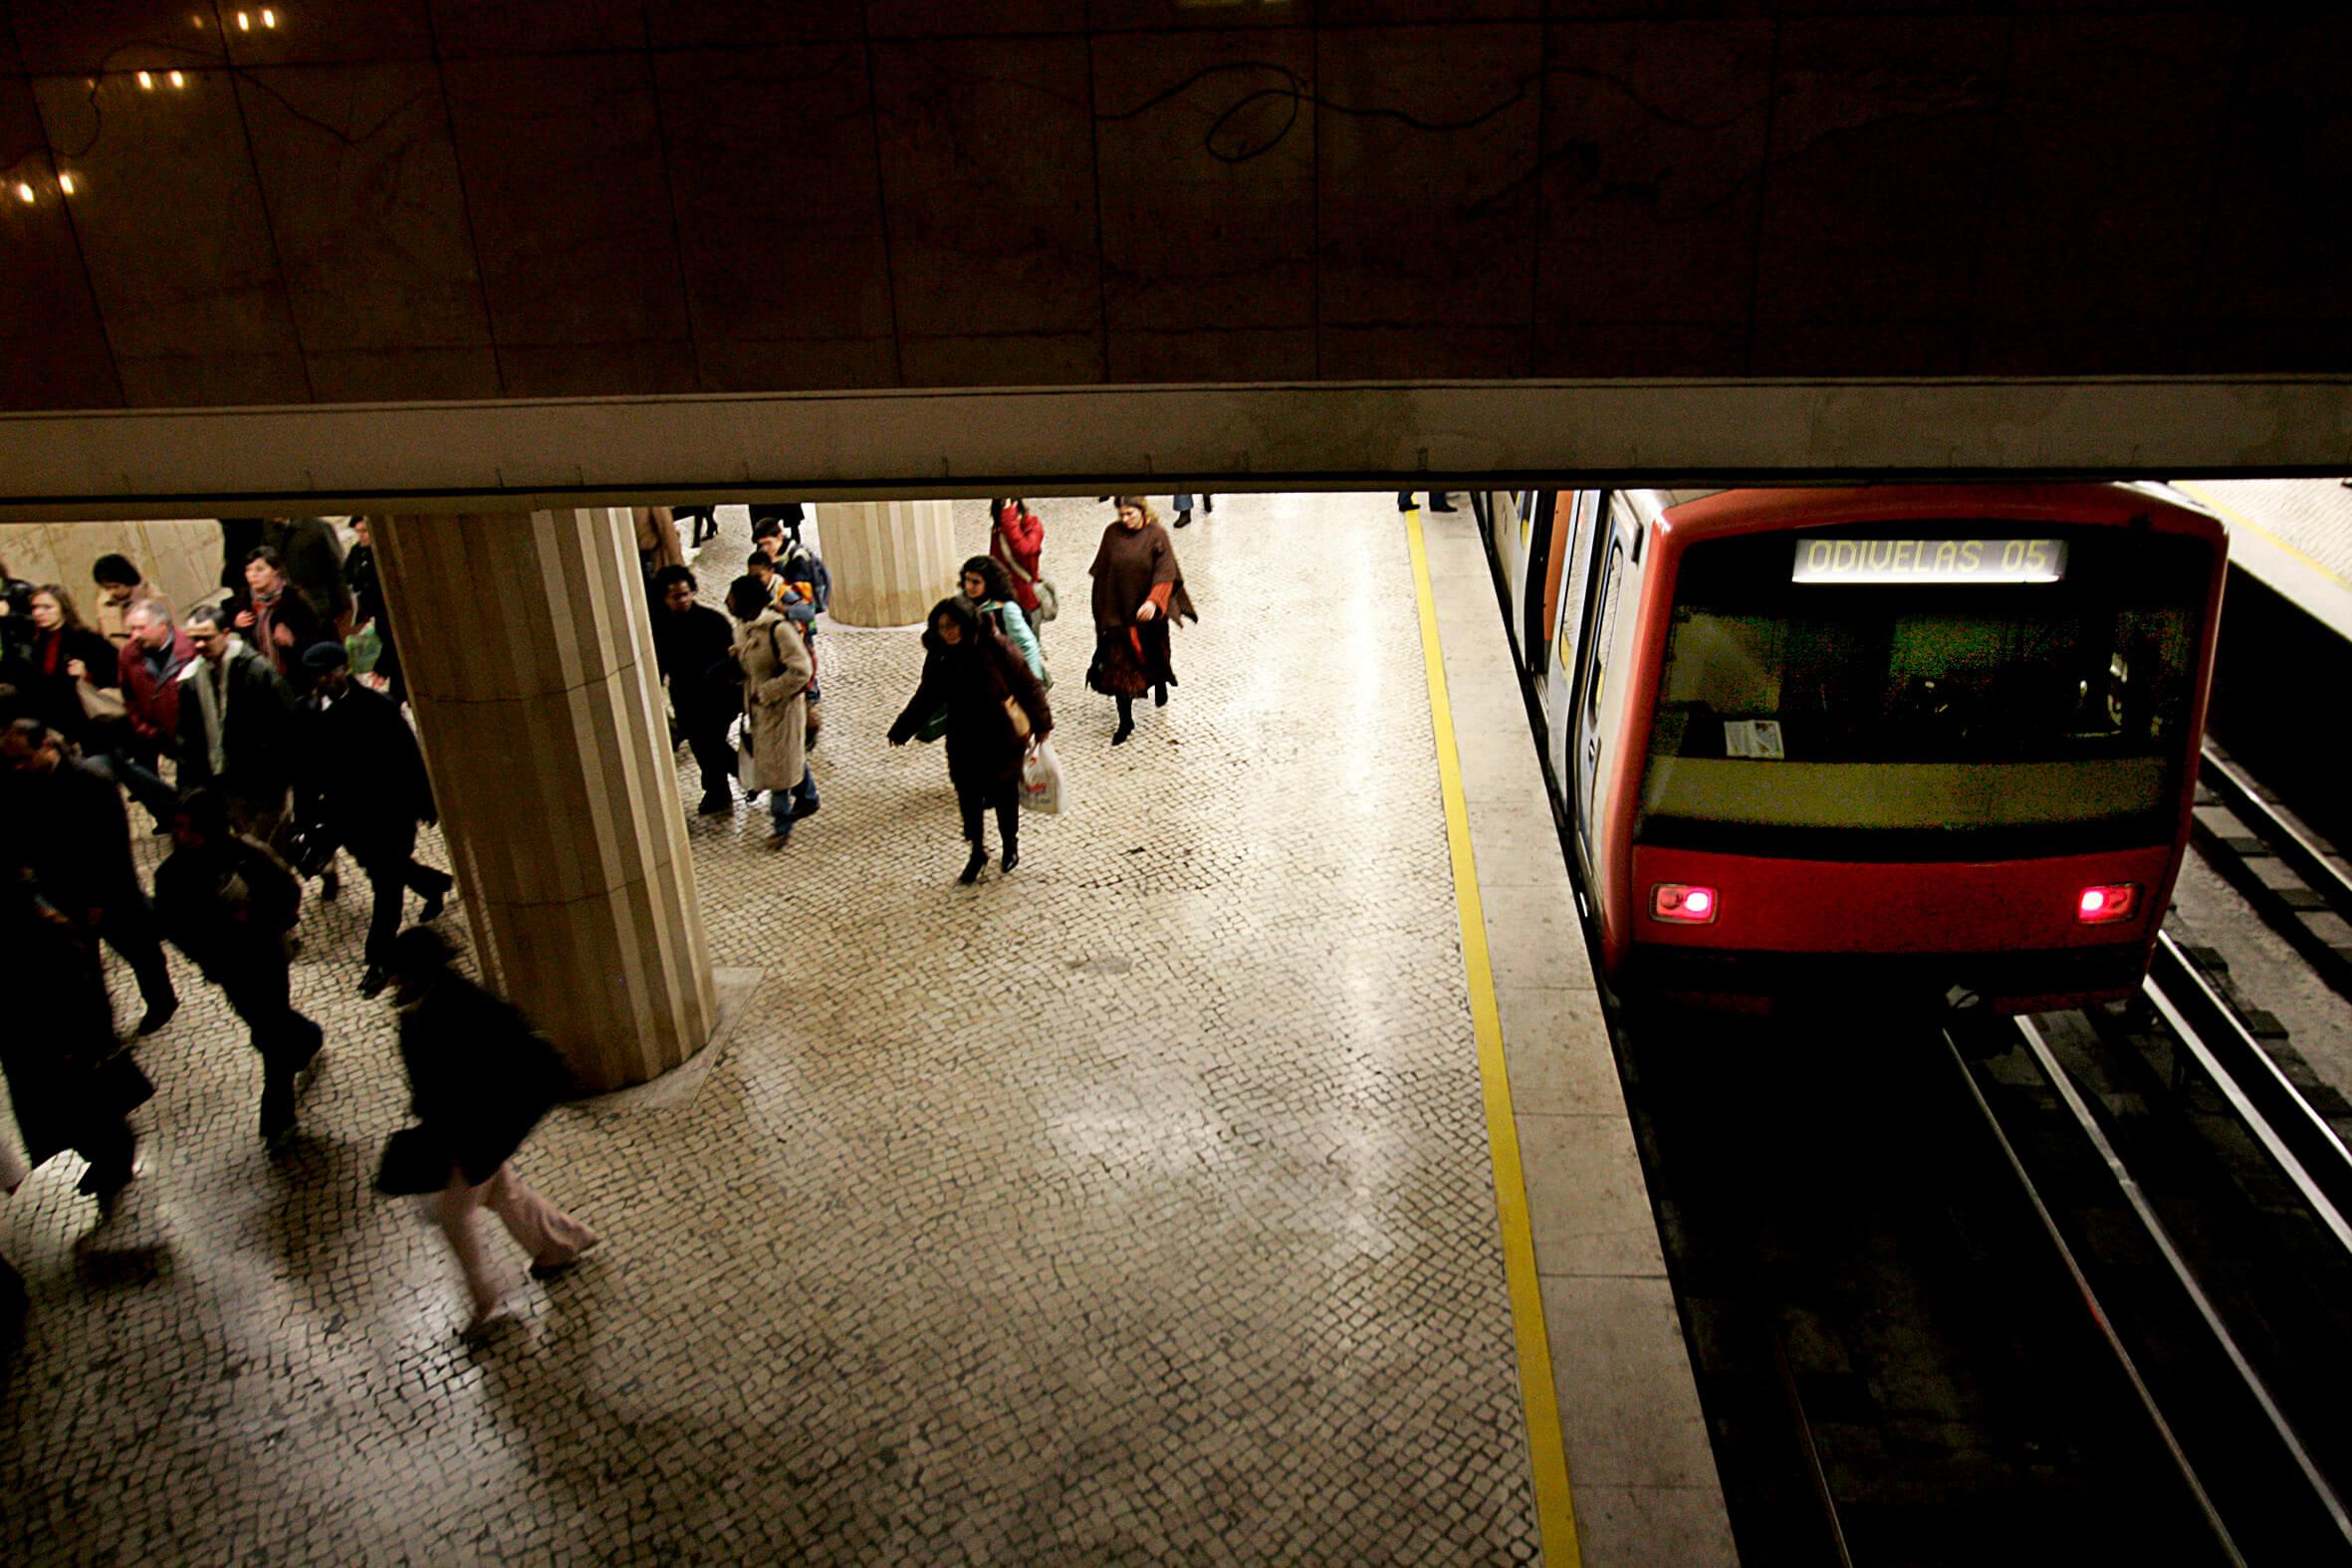 Estação do Metro de Odivelas